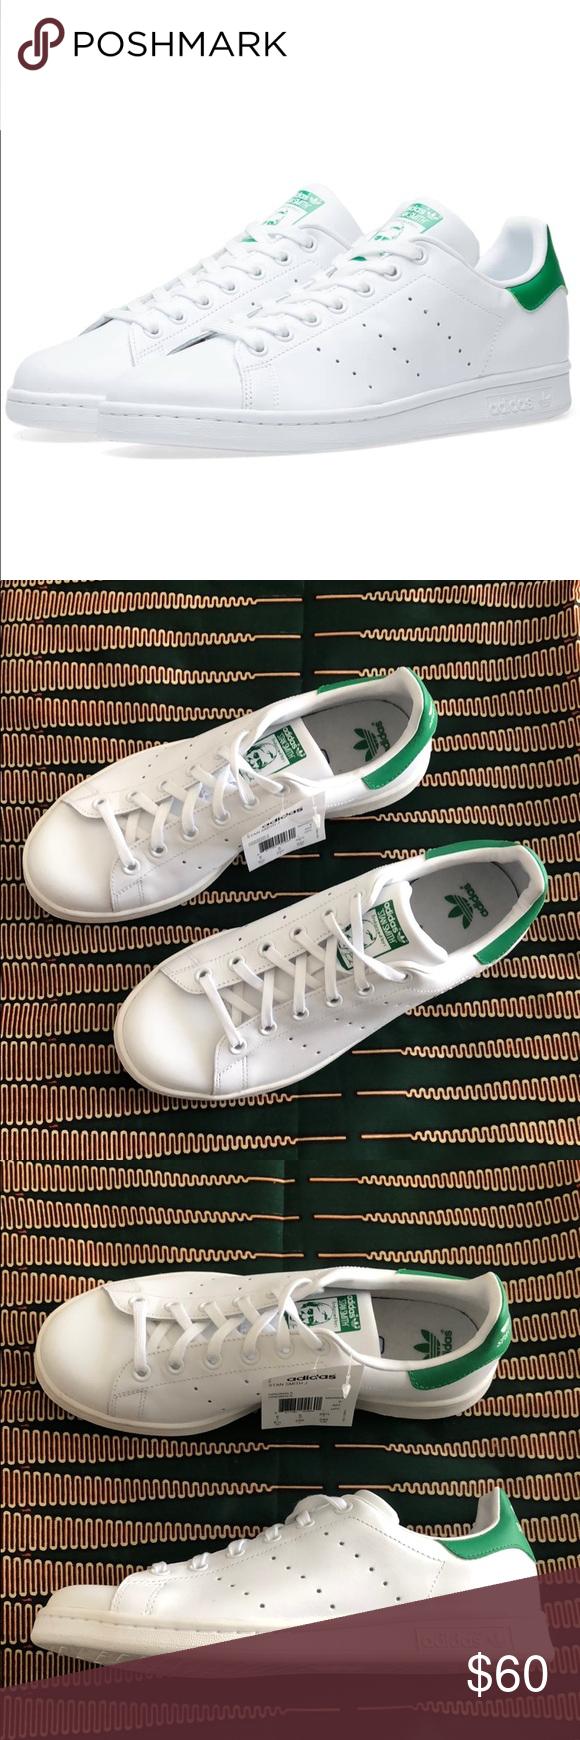 Adidas Stan Smith Con Nwt Non Sarà Spedito Con Smith Scatola Originale 21226d